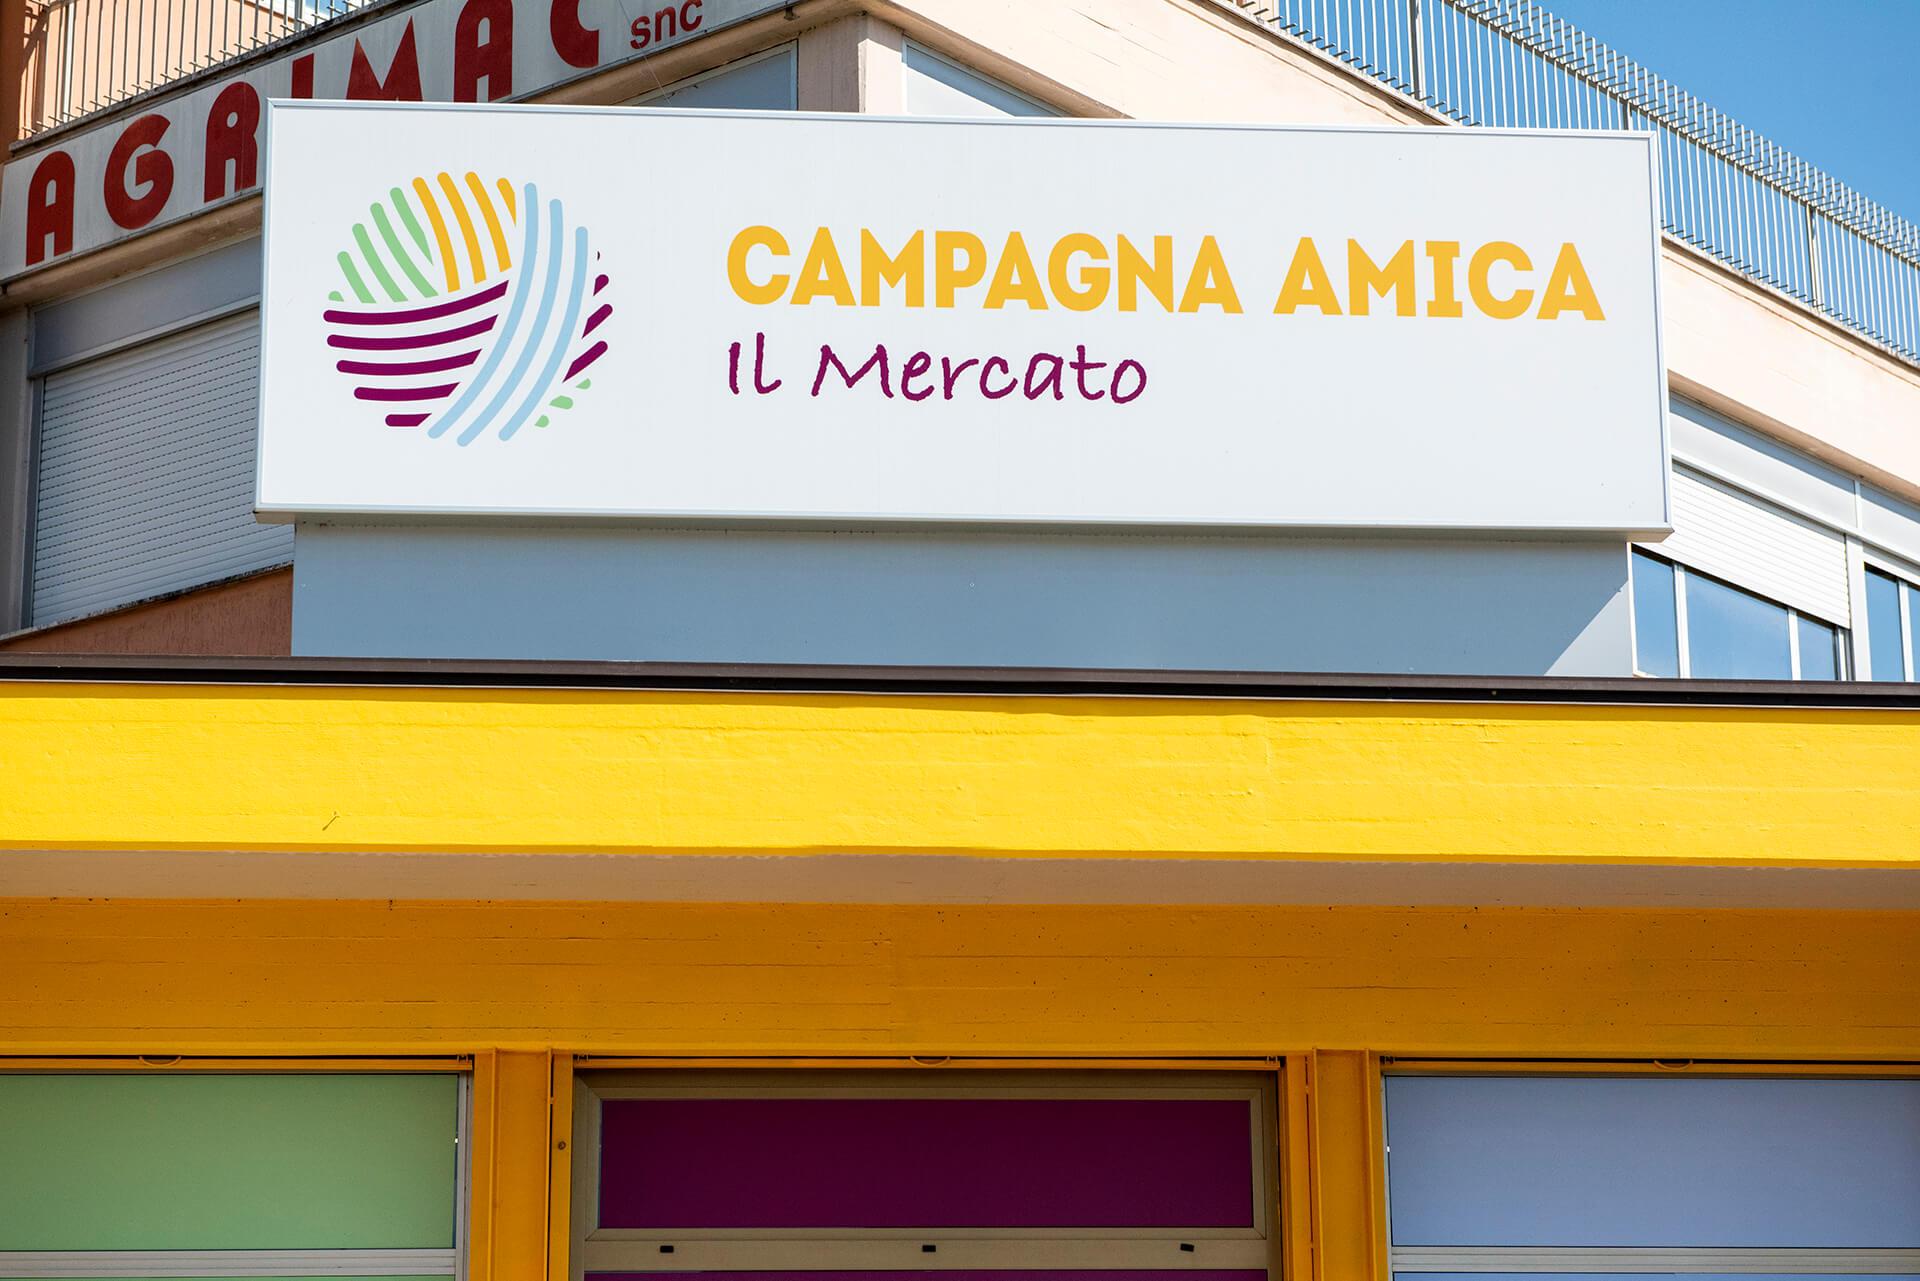 Allestimenti Grafox - Insegne&Outdoor - Campagna Amica - Coldiretti